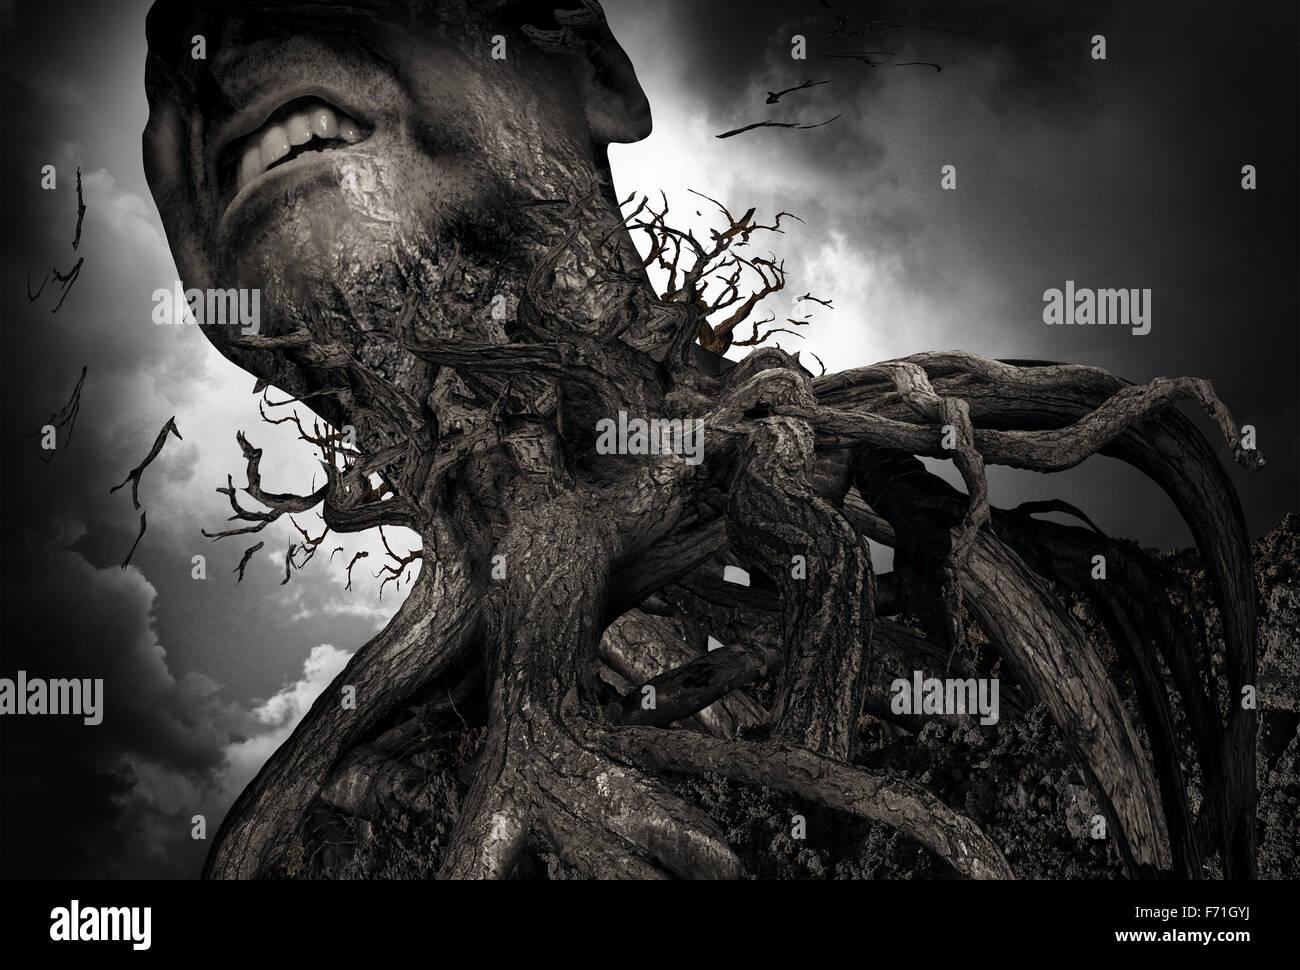 La souffrance et la douleur comme un arbre et racines en forme de l'expérience humaine et de la torture Photo Stock